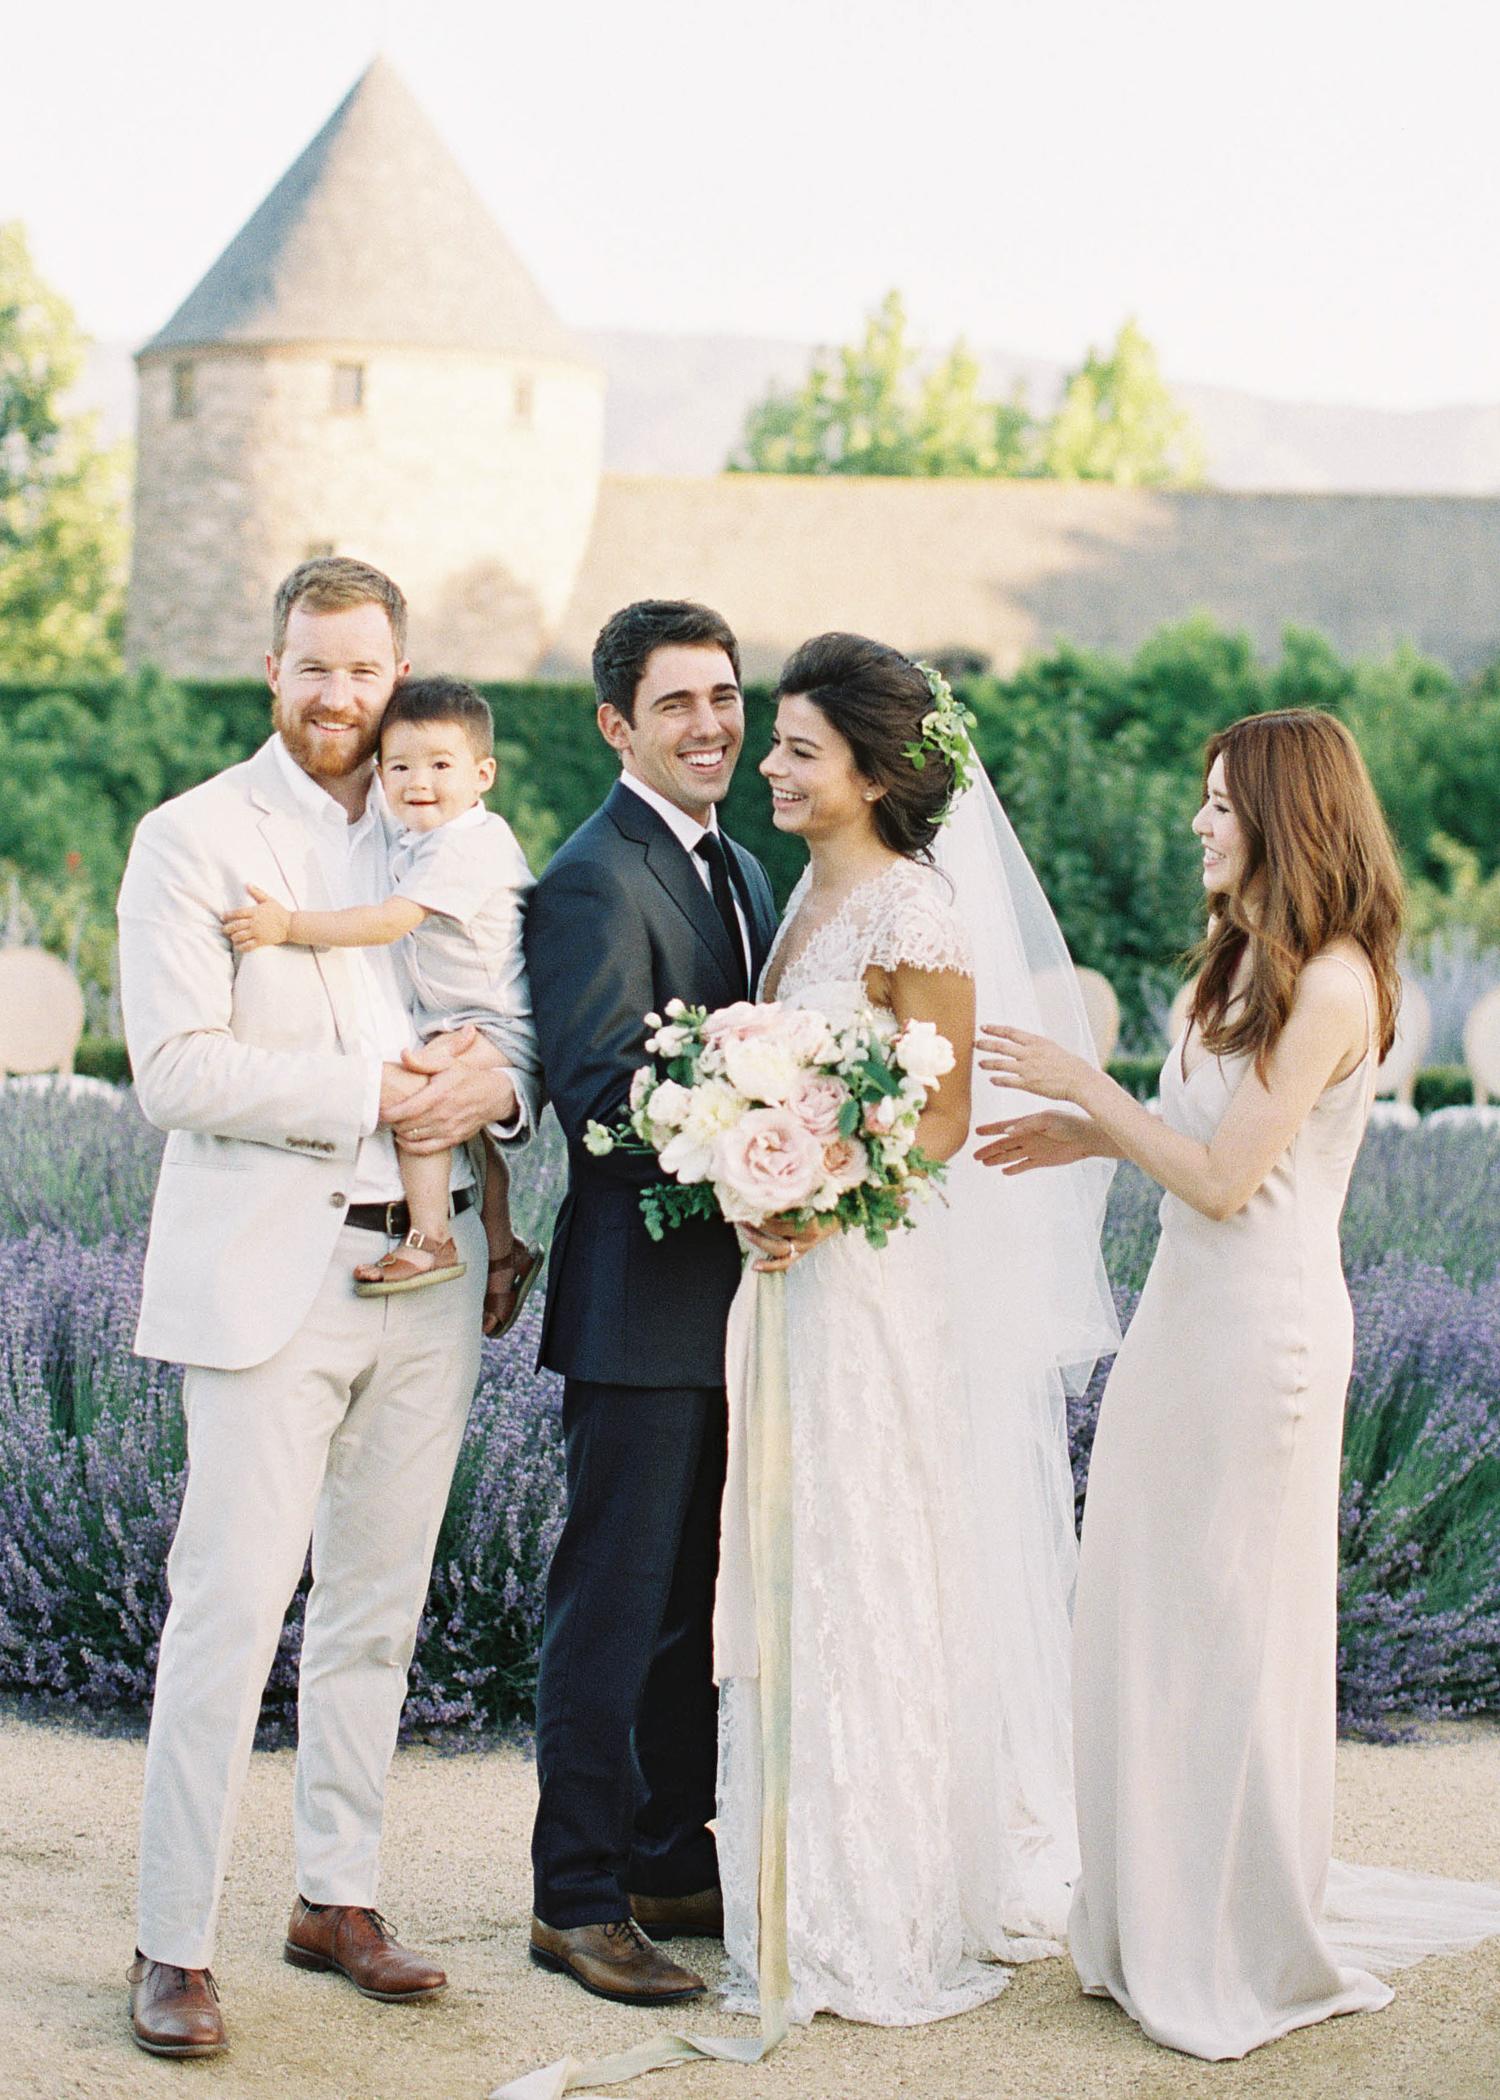 kestrel-park-wedding-32.jpg